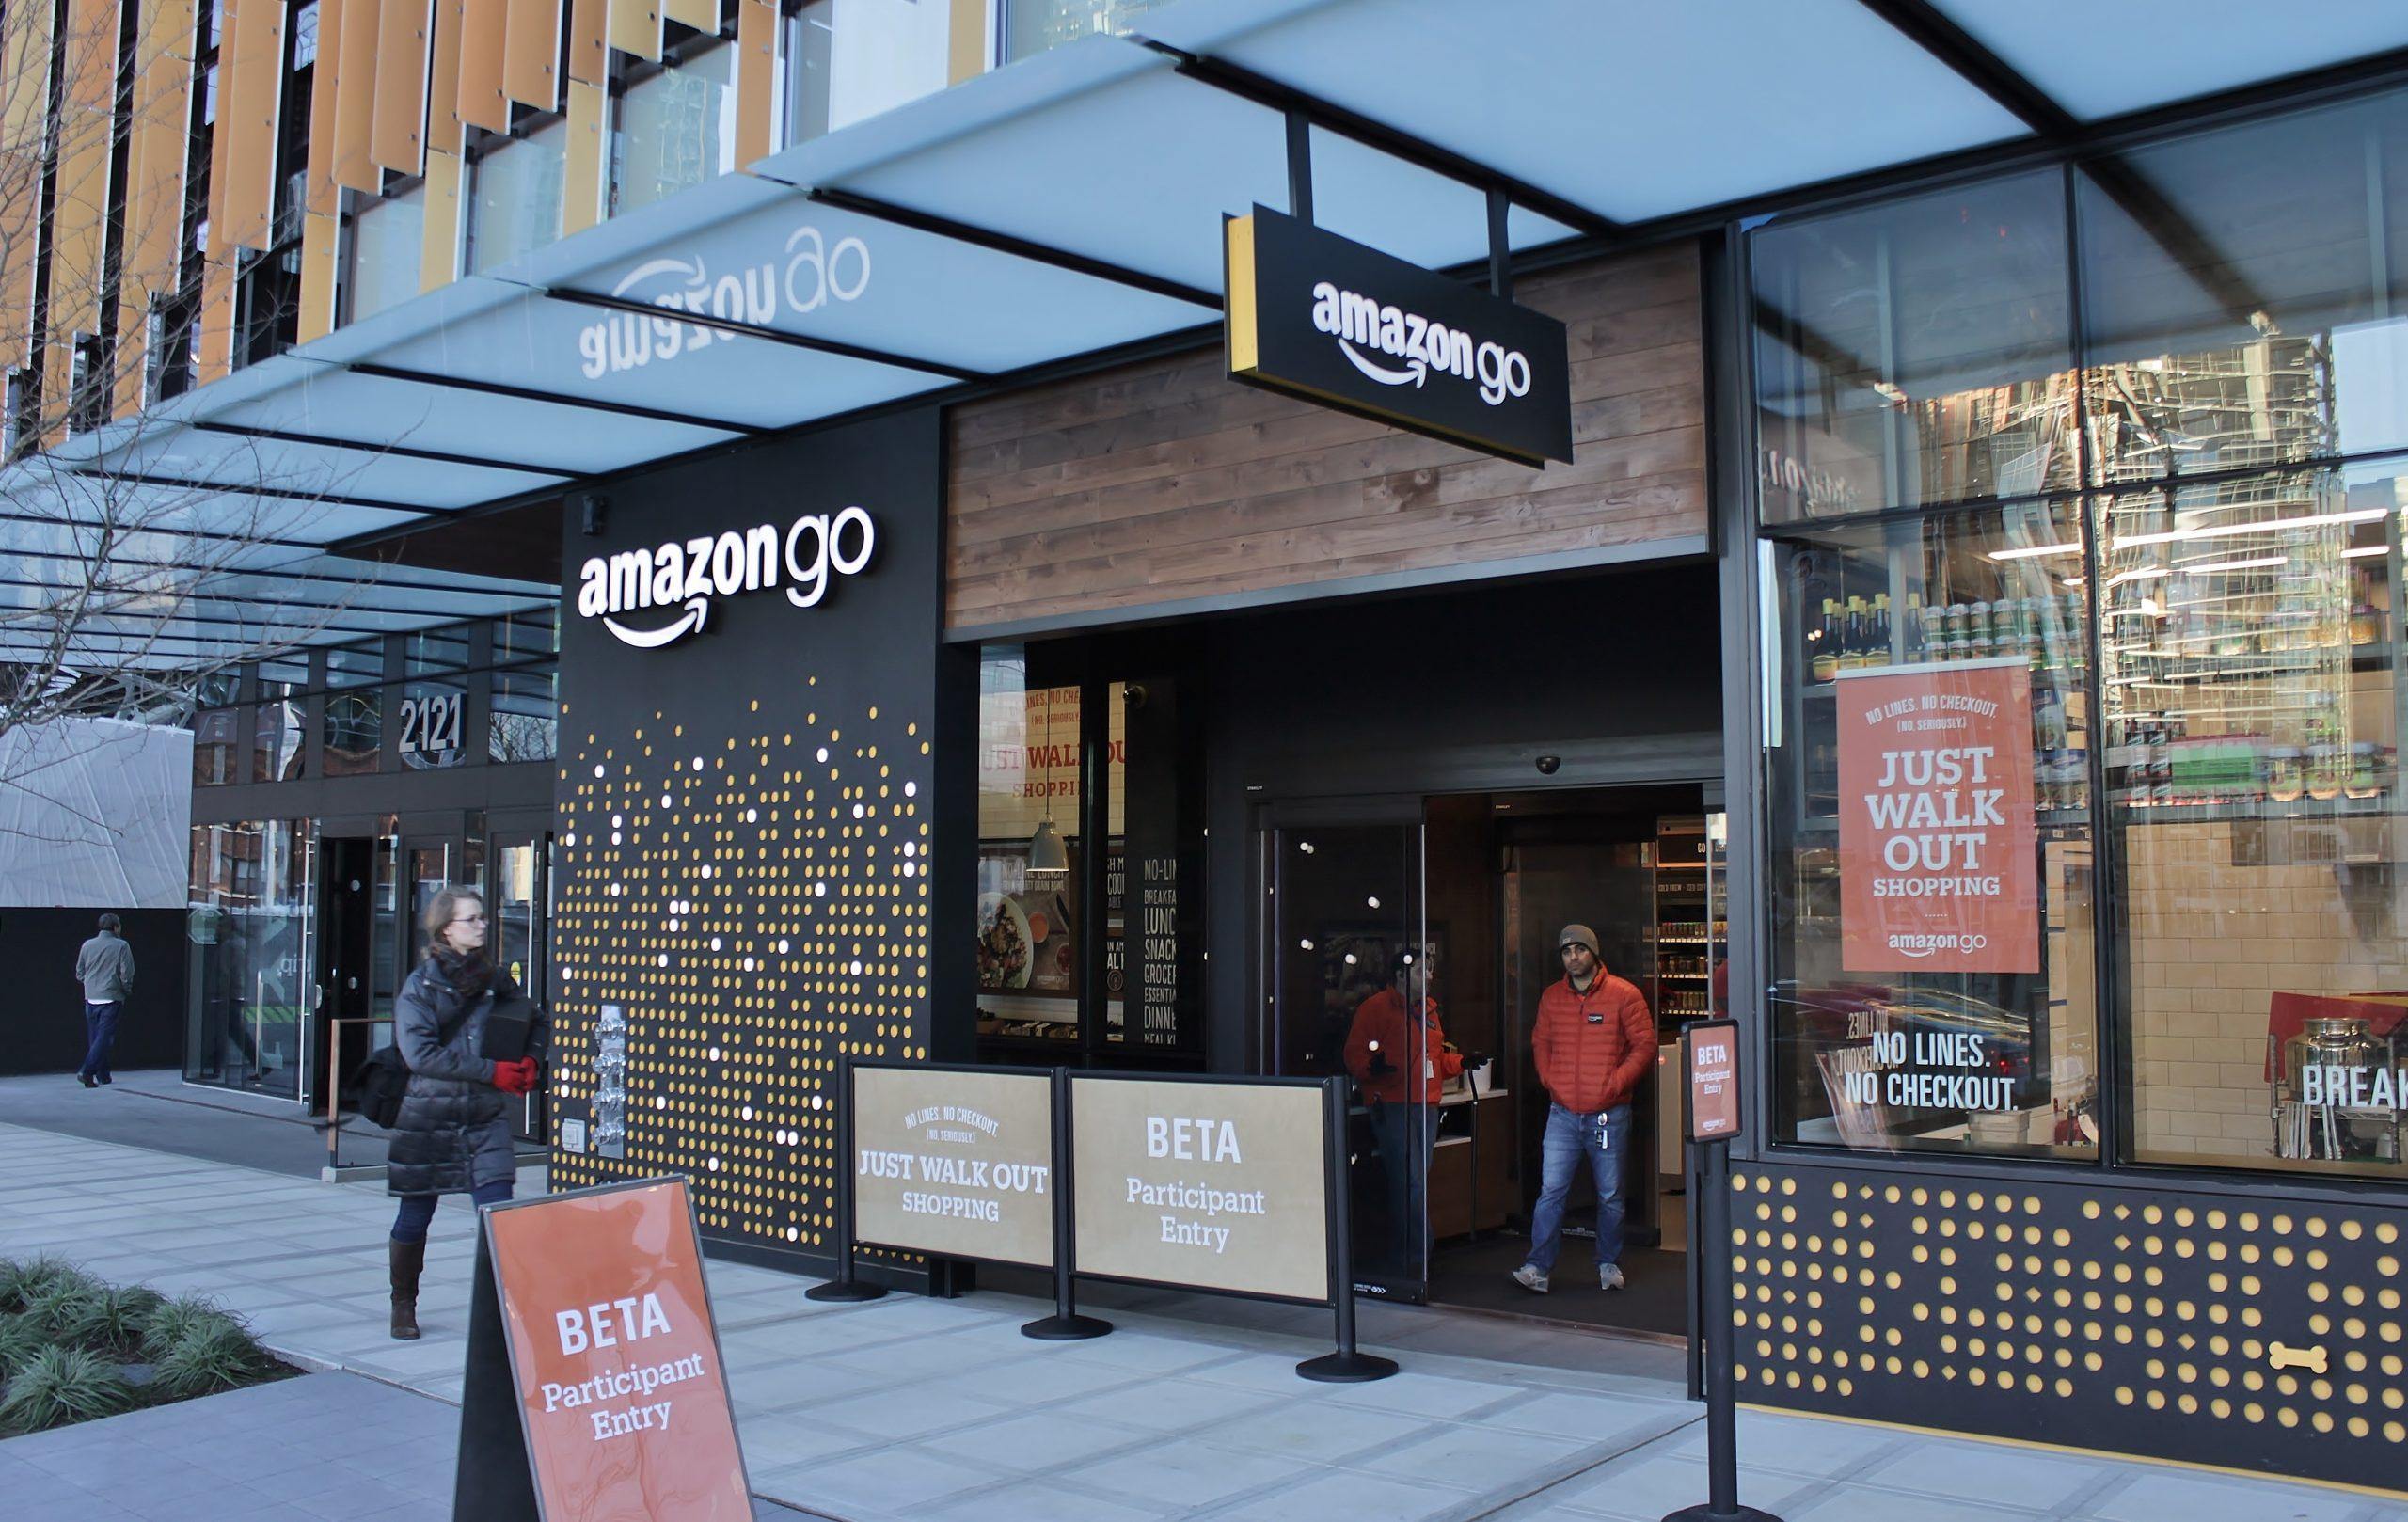 Exterior photo of the Amazon Go prototype grocery store.